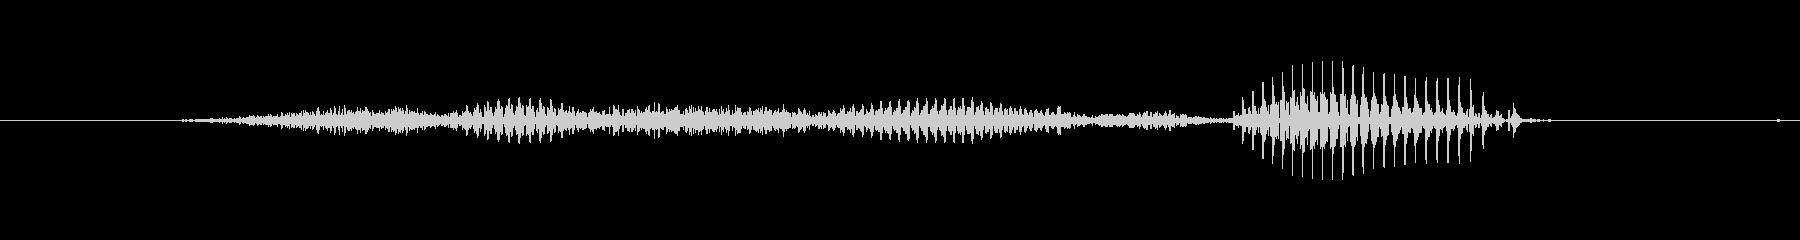 【星座】獅子座の未再生の波形